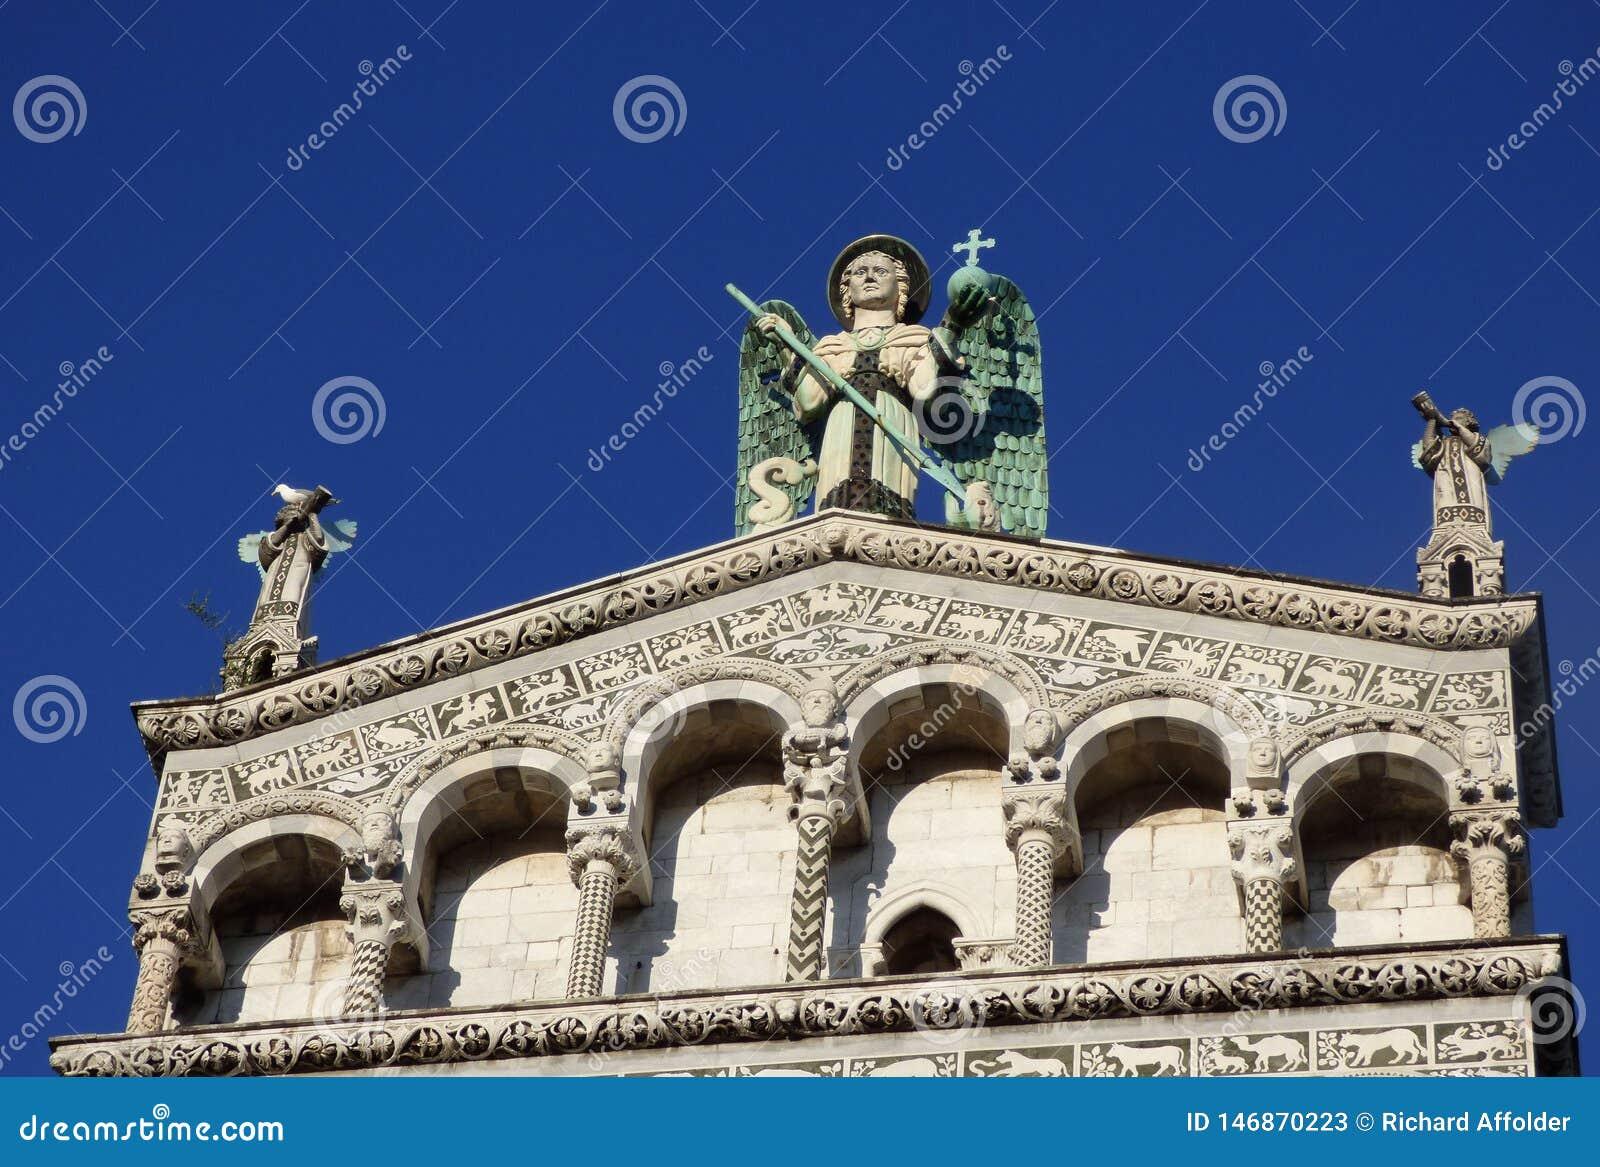 Vista para cima na fachada de uma catedral com estátuas angélicos e um fundo do céu azul